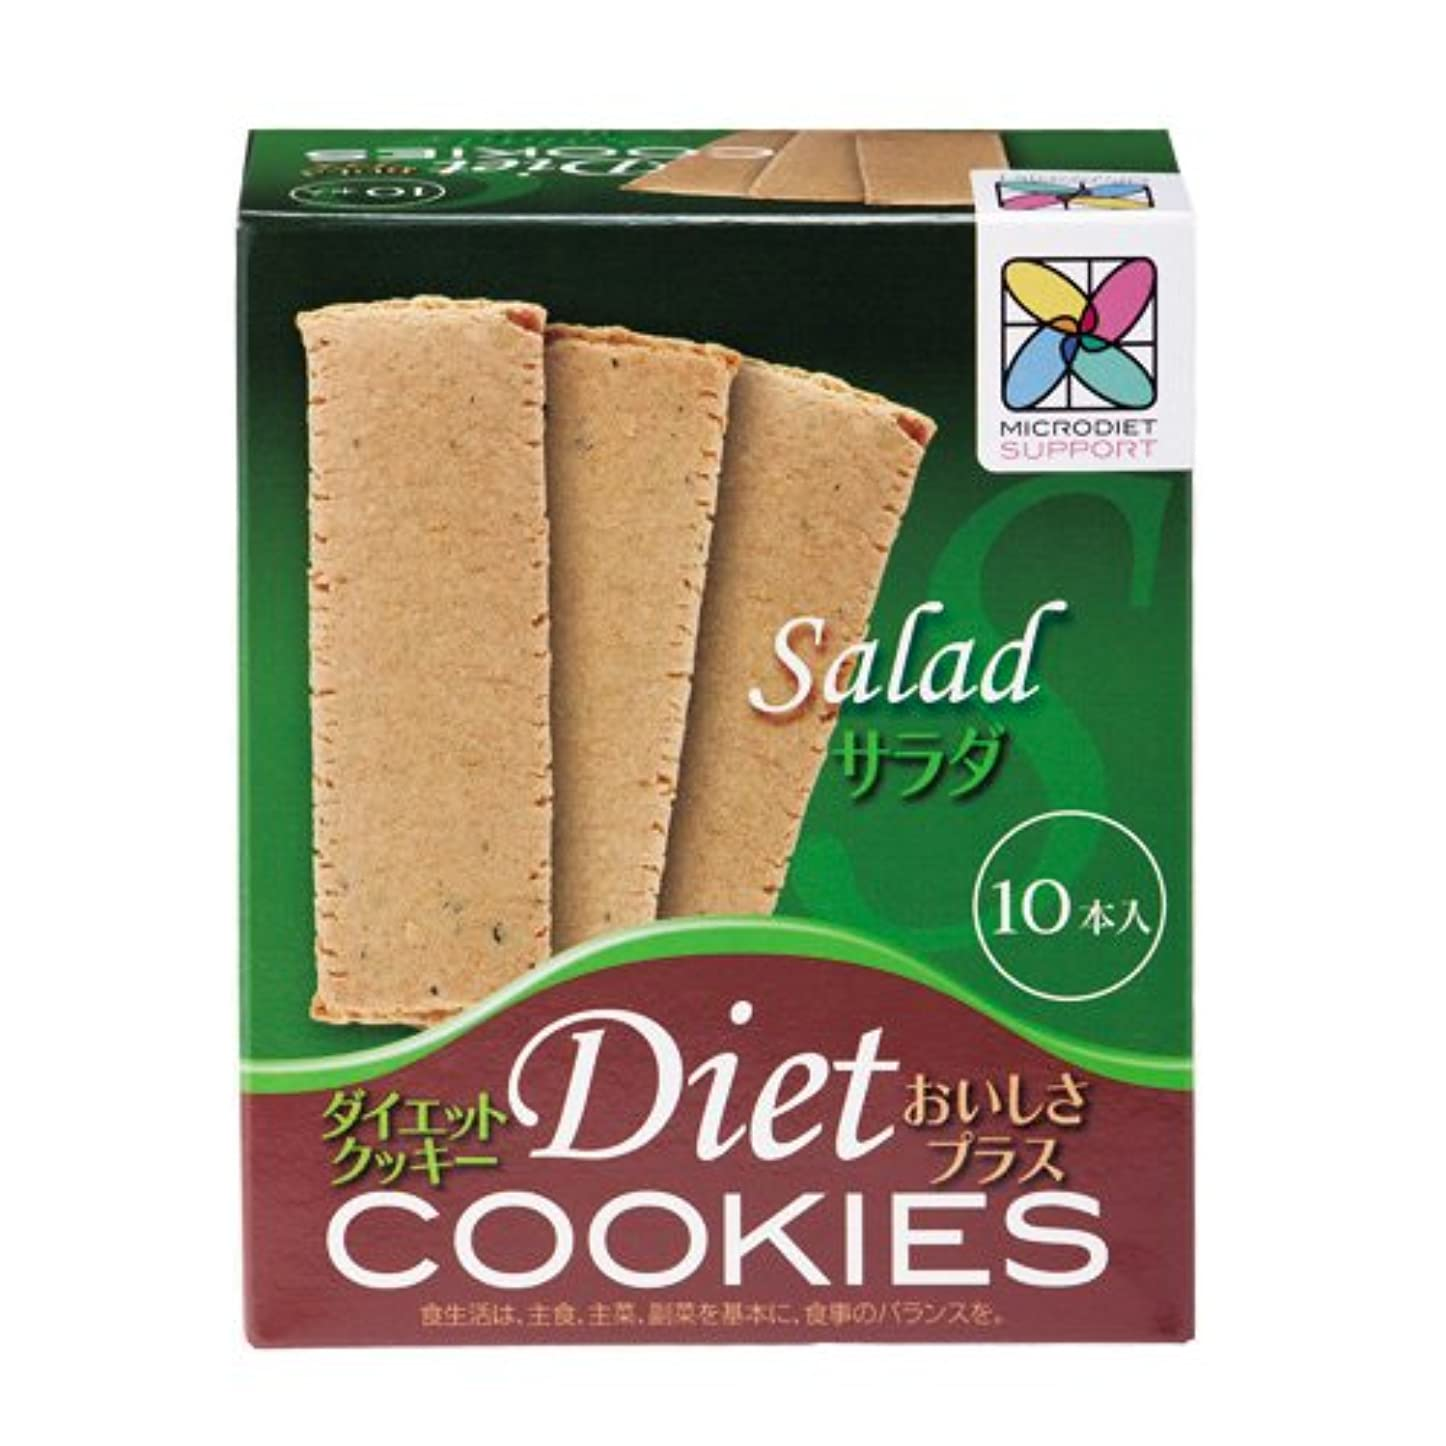 一般化する議題吐き出すダイエットクッキーおいしさプラス(サラダ:1箱)(03755)